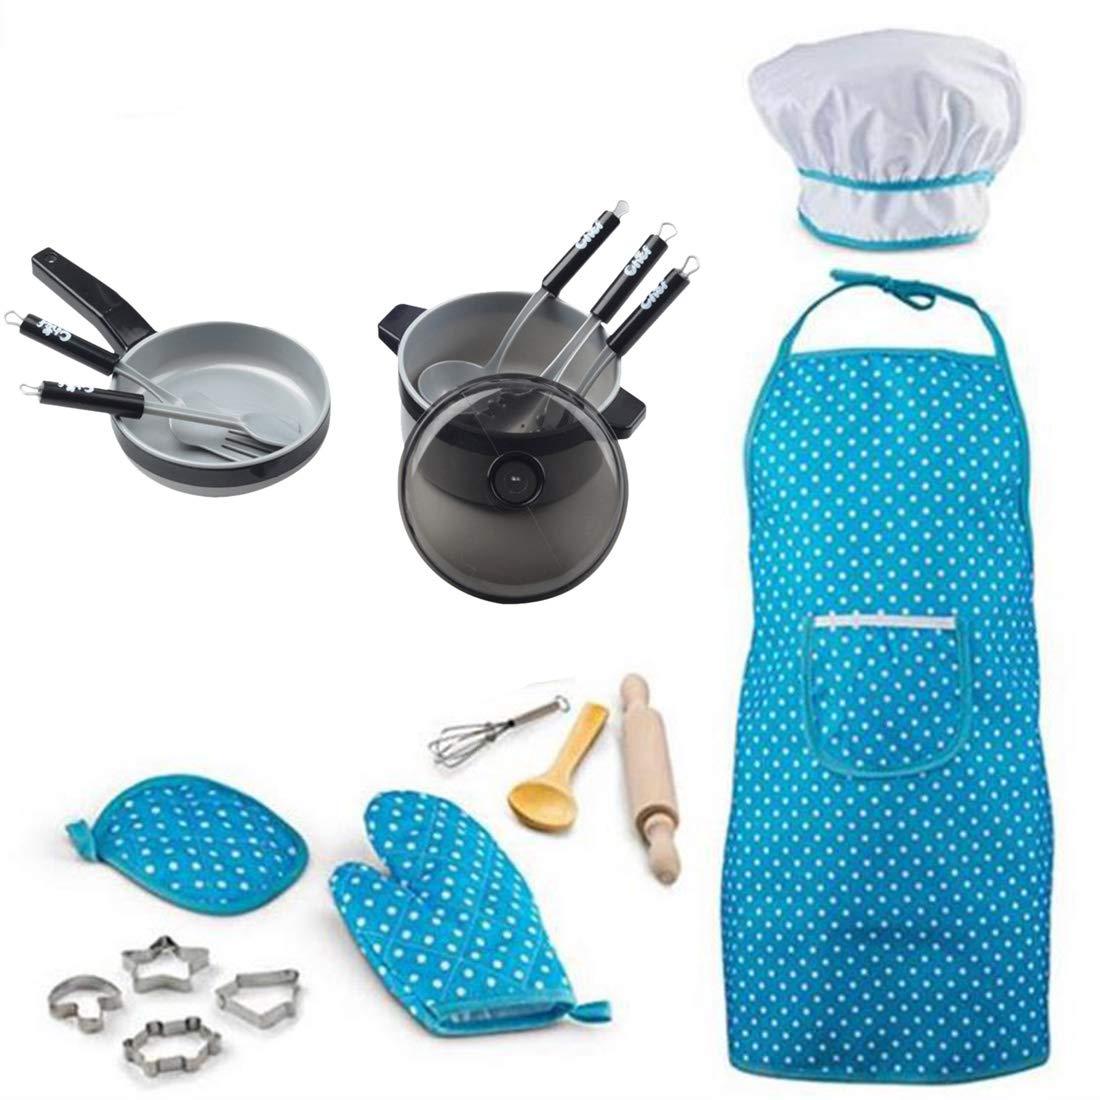 Foxom 19 Piezas Cocinitas Juguete - Juegos de Imitació n - Accesorios Cocina de Juguete con Delantales y Utensilios para Infantil Niñ os